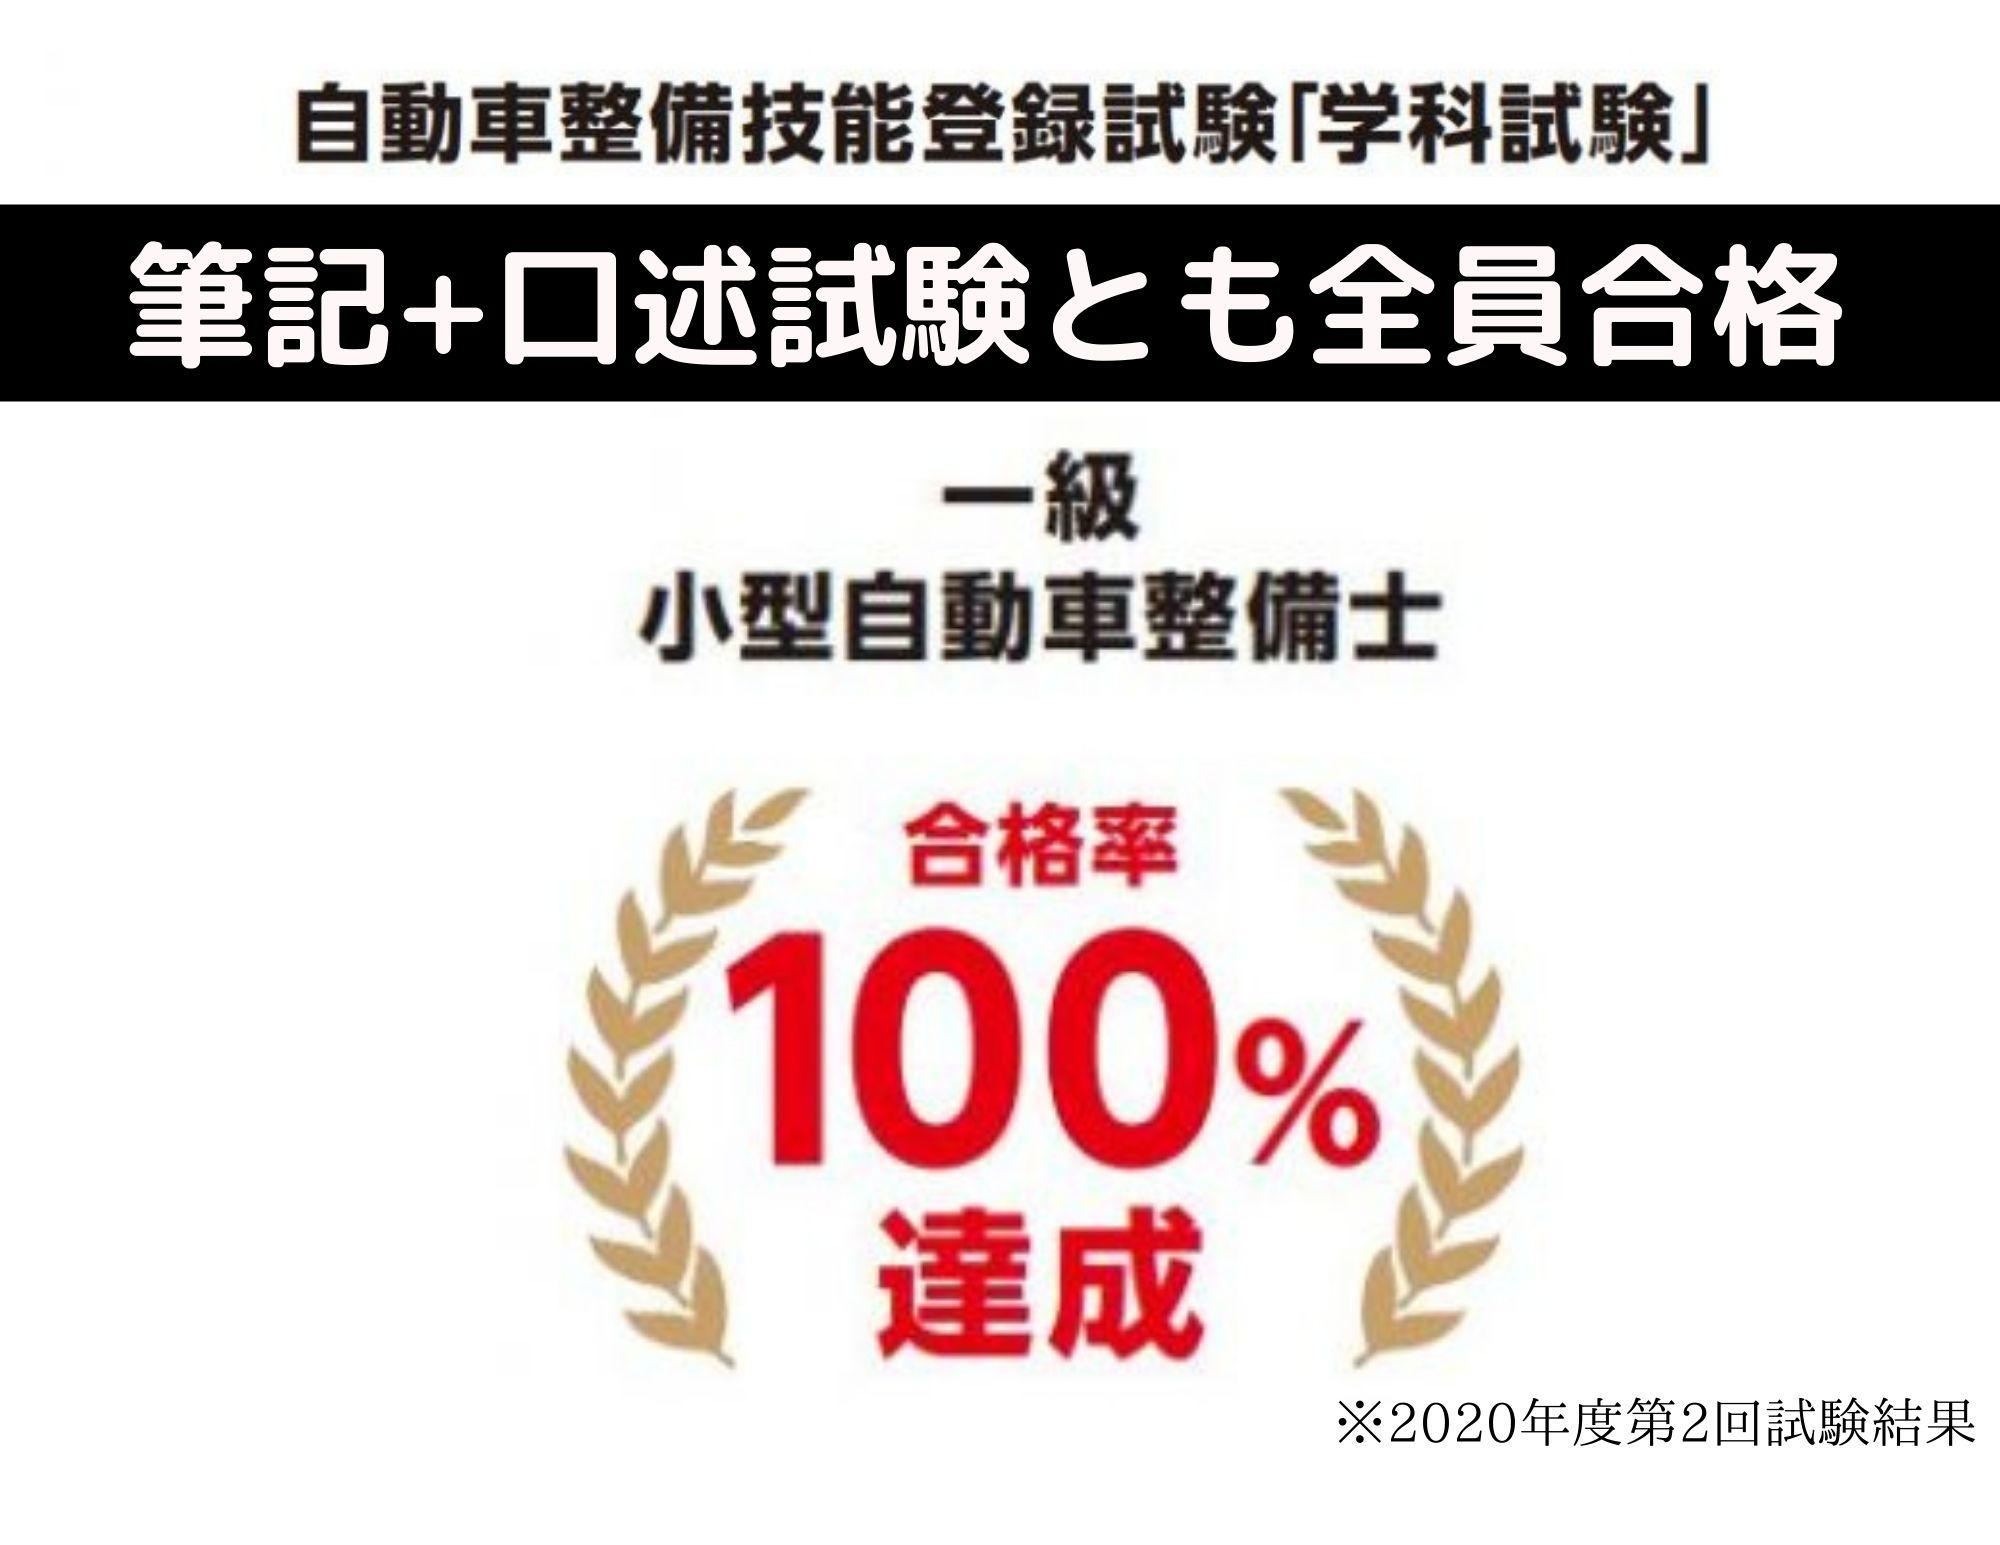 【全員合格】一級小型自動車整備士資格 口述試験結果